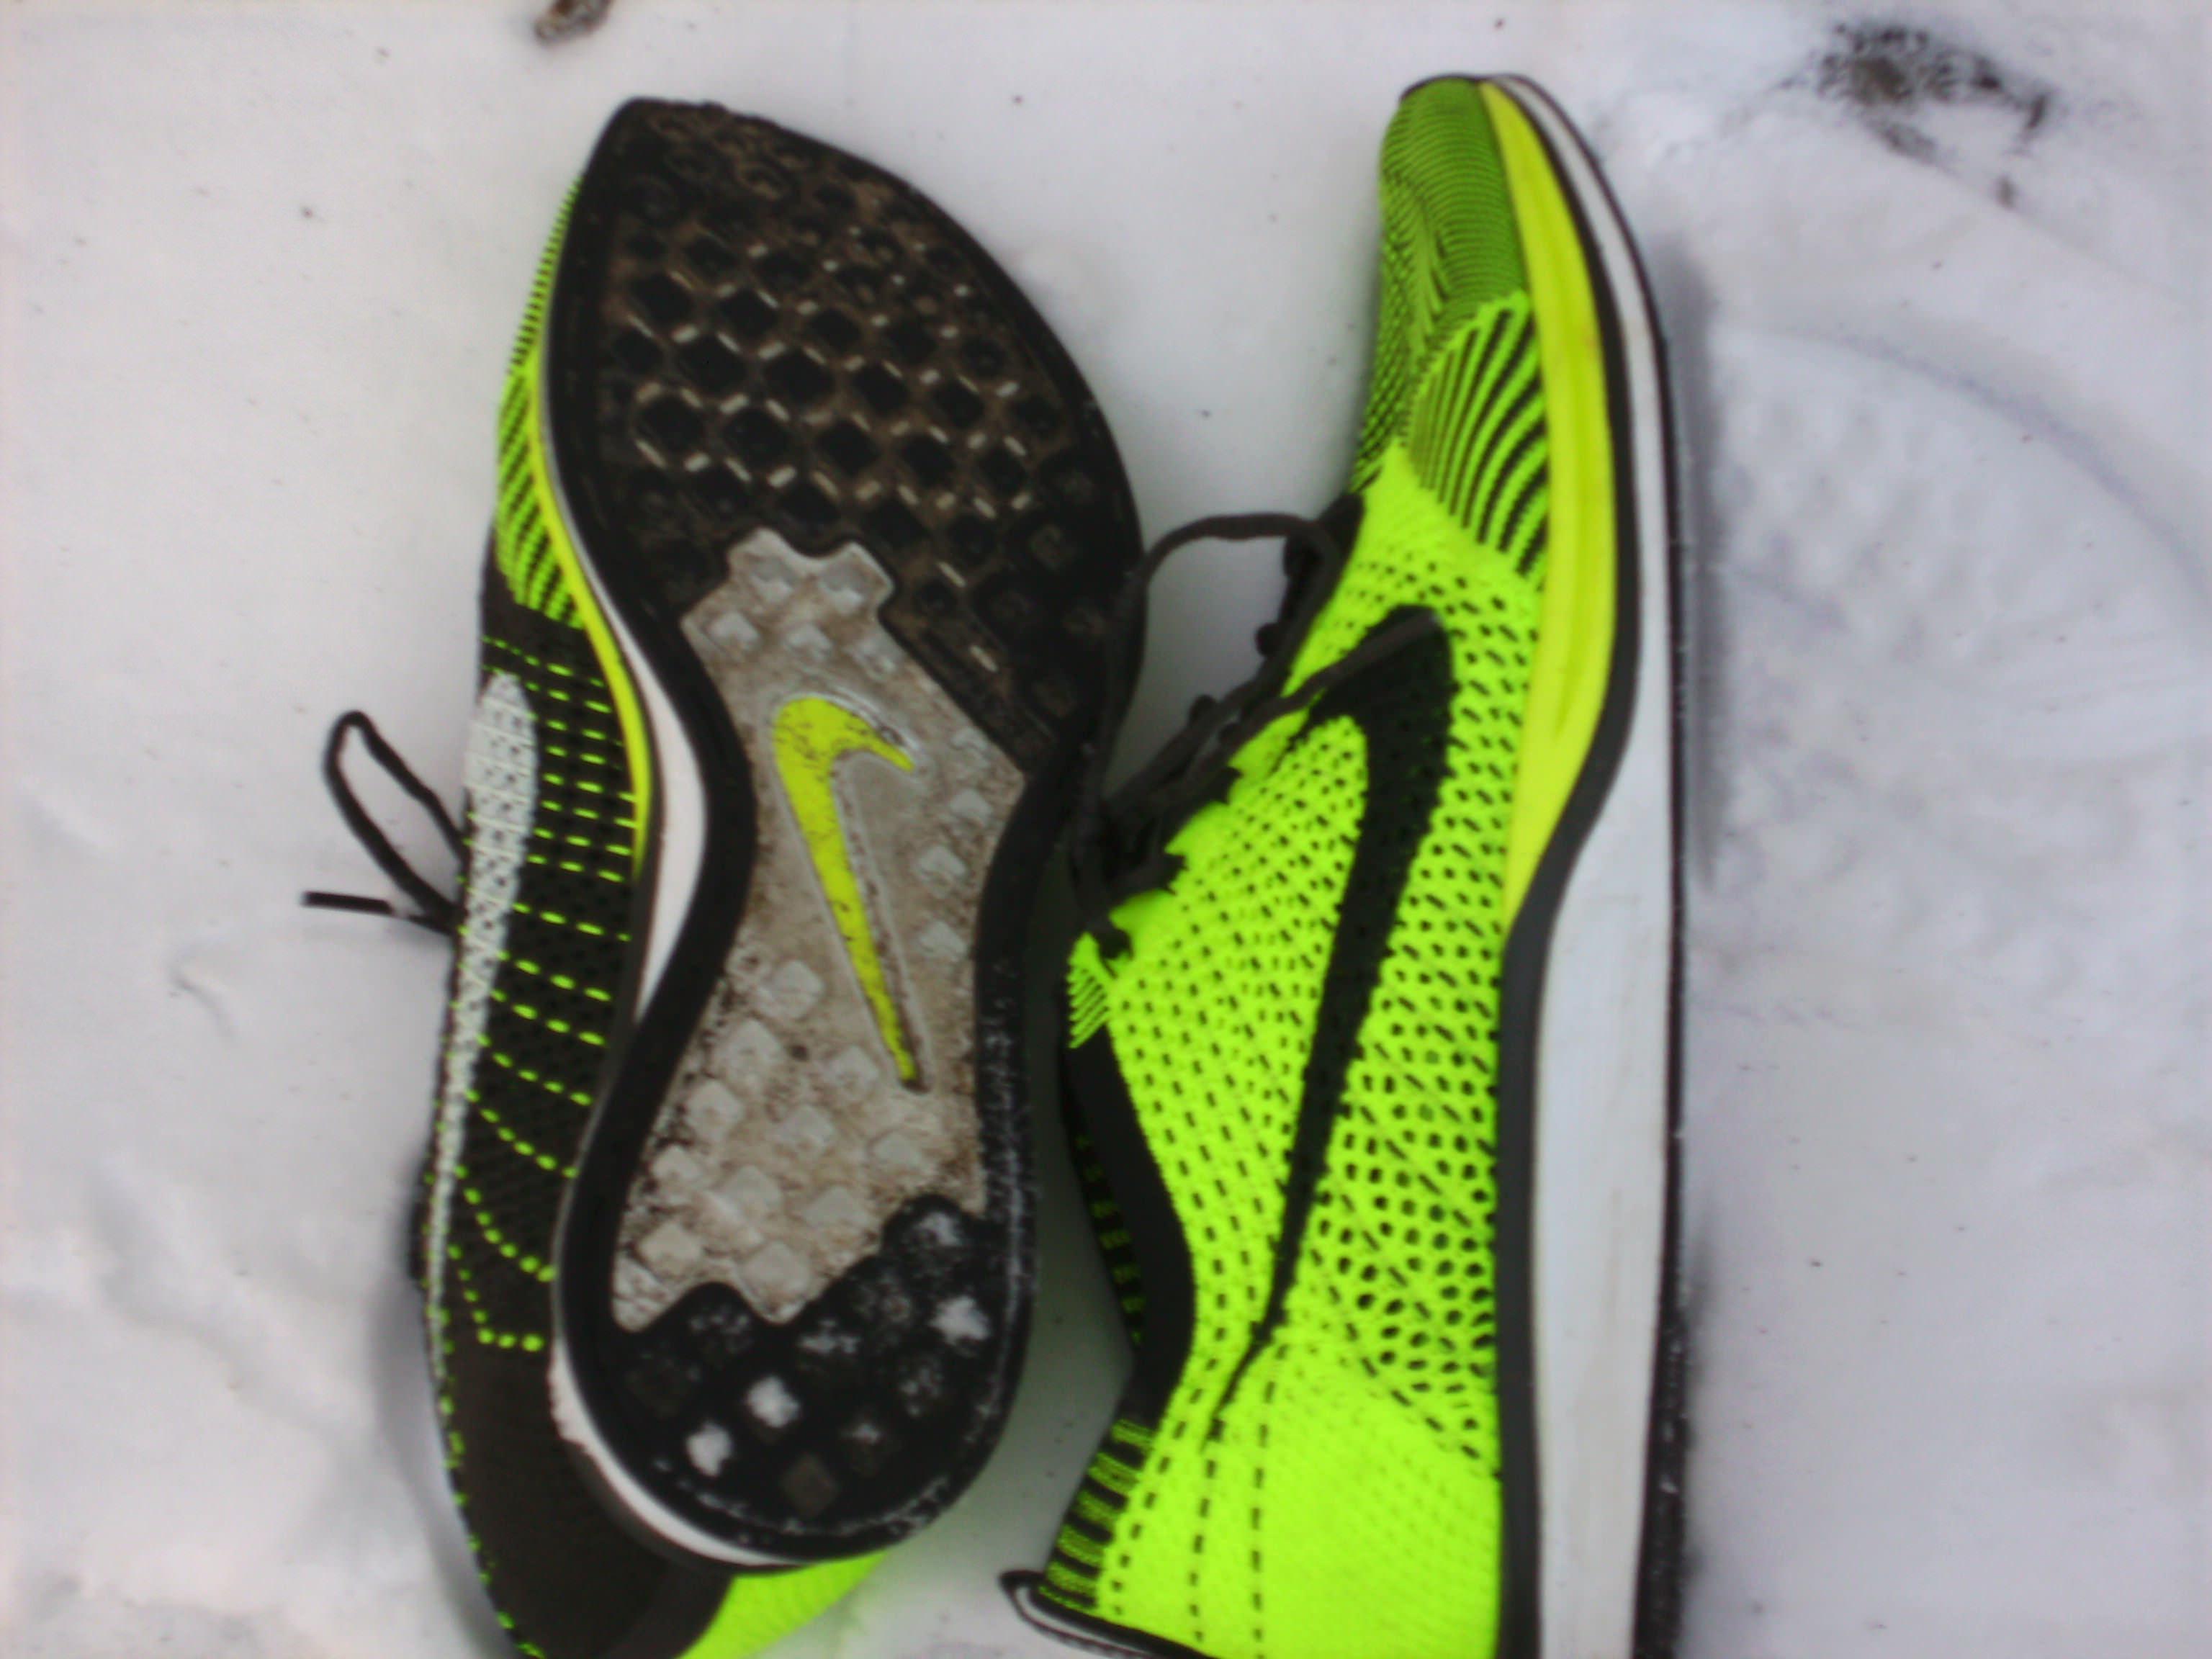 cocina acoplador rechazo  Nike FlyKnit Racer Review | Running Shoes Guru